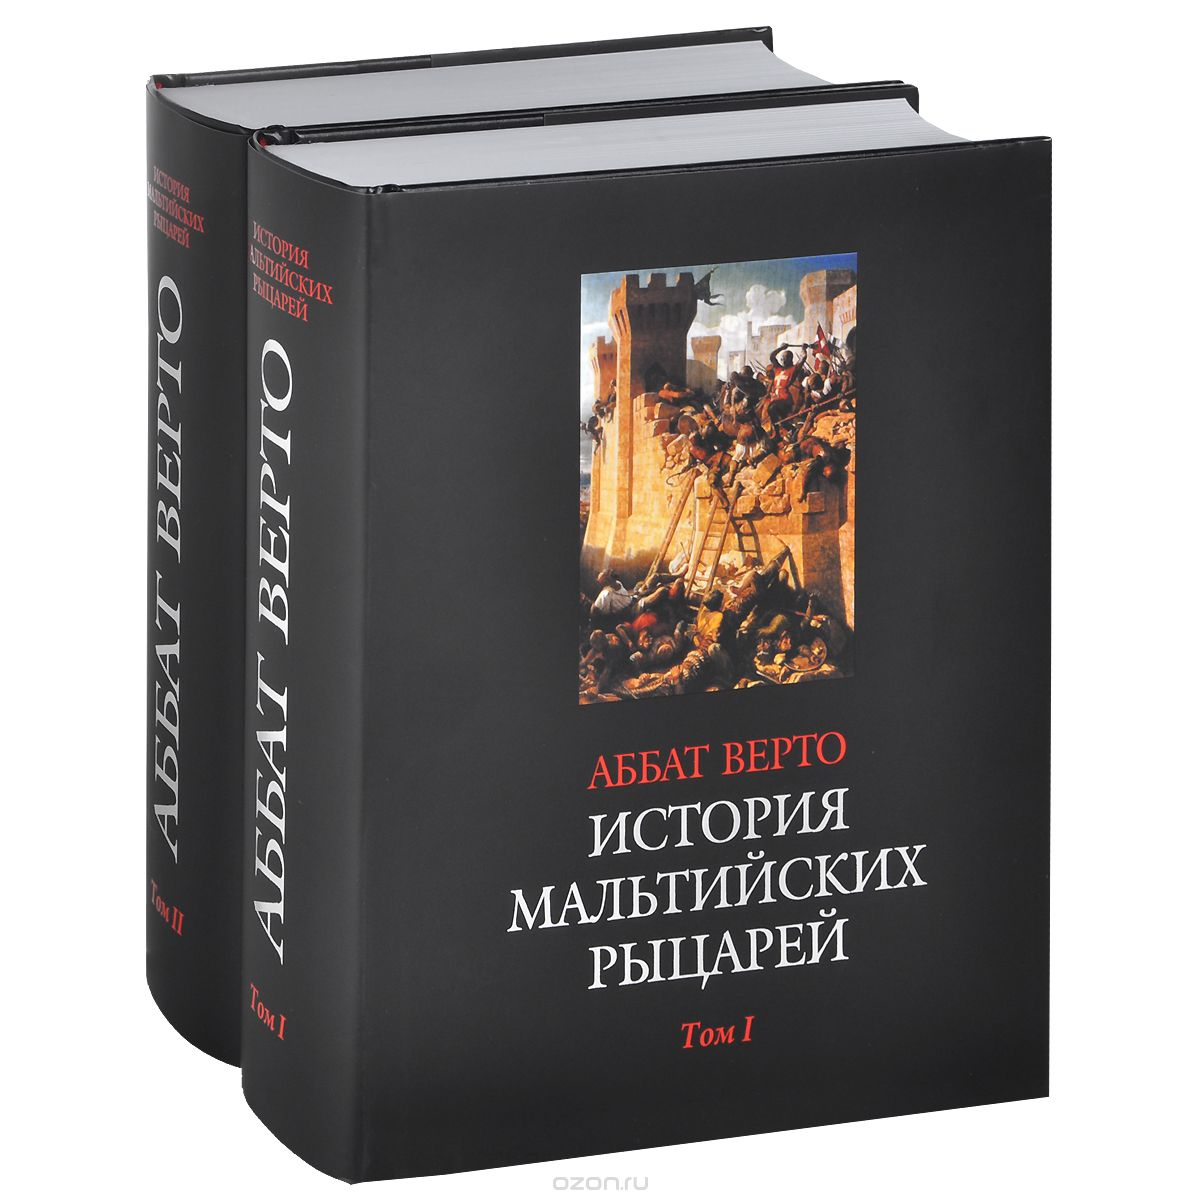 Фото - Верто Р. История мальтийских рыцарей (комплект из 2 книг) ISBN: 9785931652344 история физики комплект из 2 книг